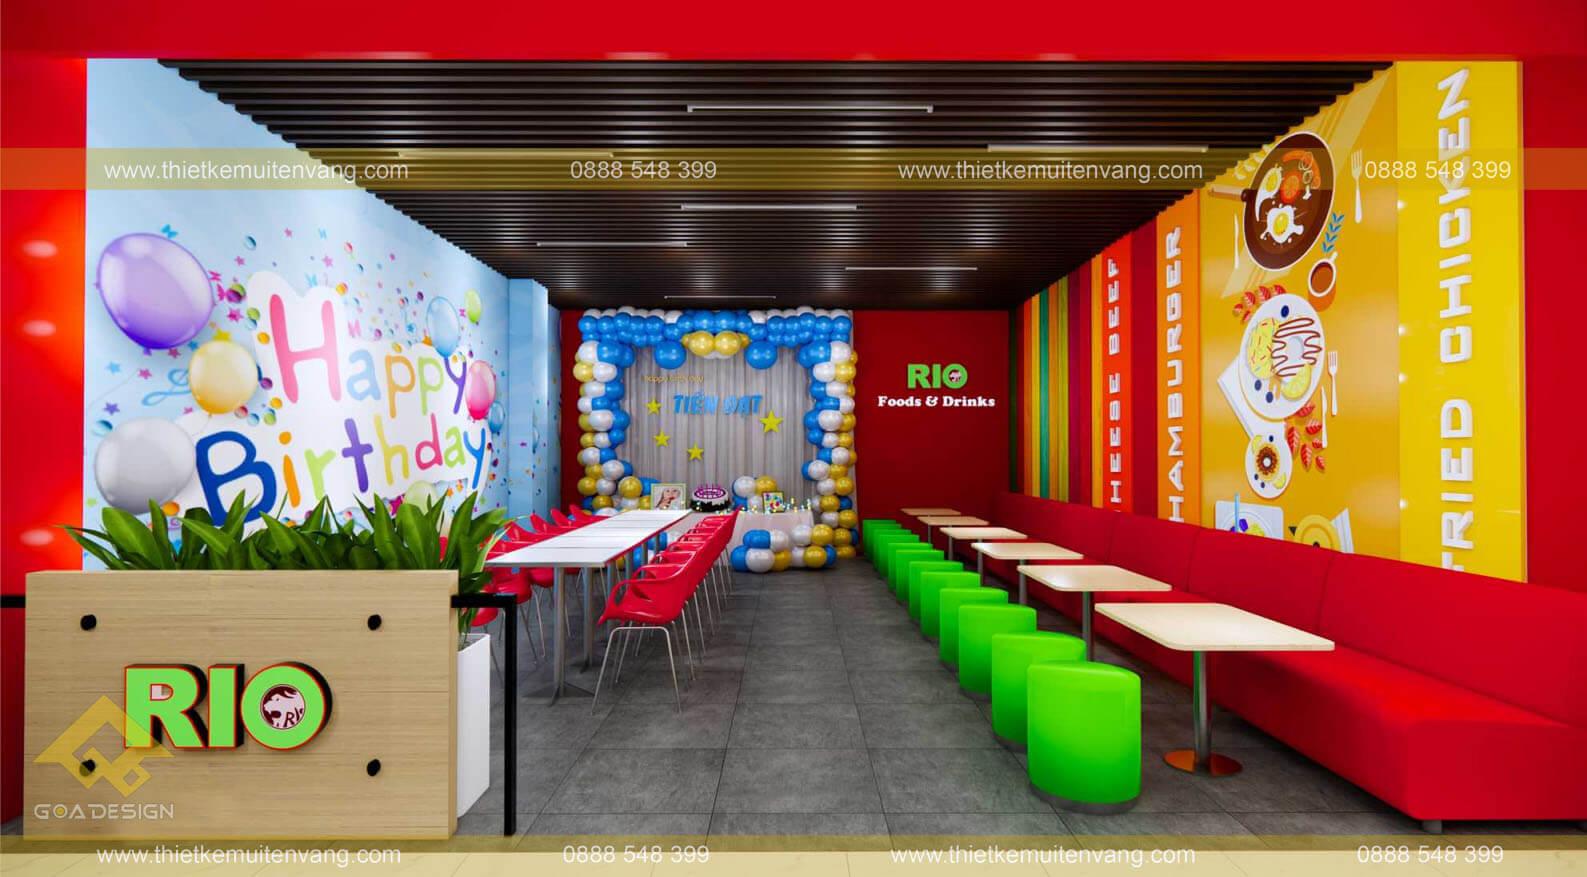 GOADESIGN Tư vấn thiết kế thi công Food & Drink Rio (26)